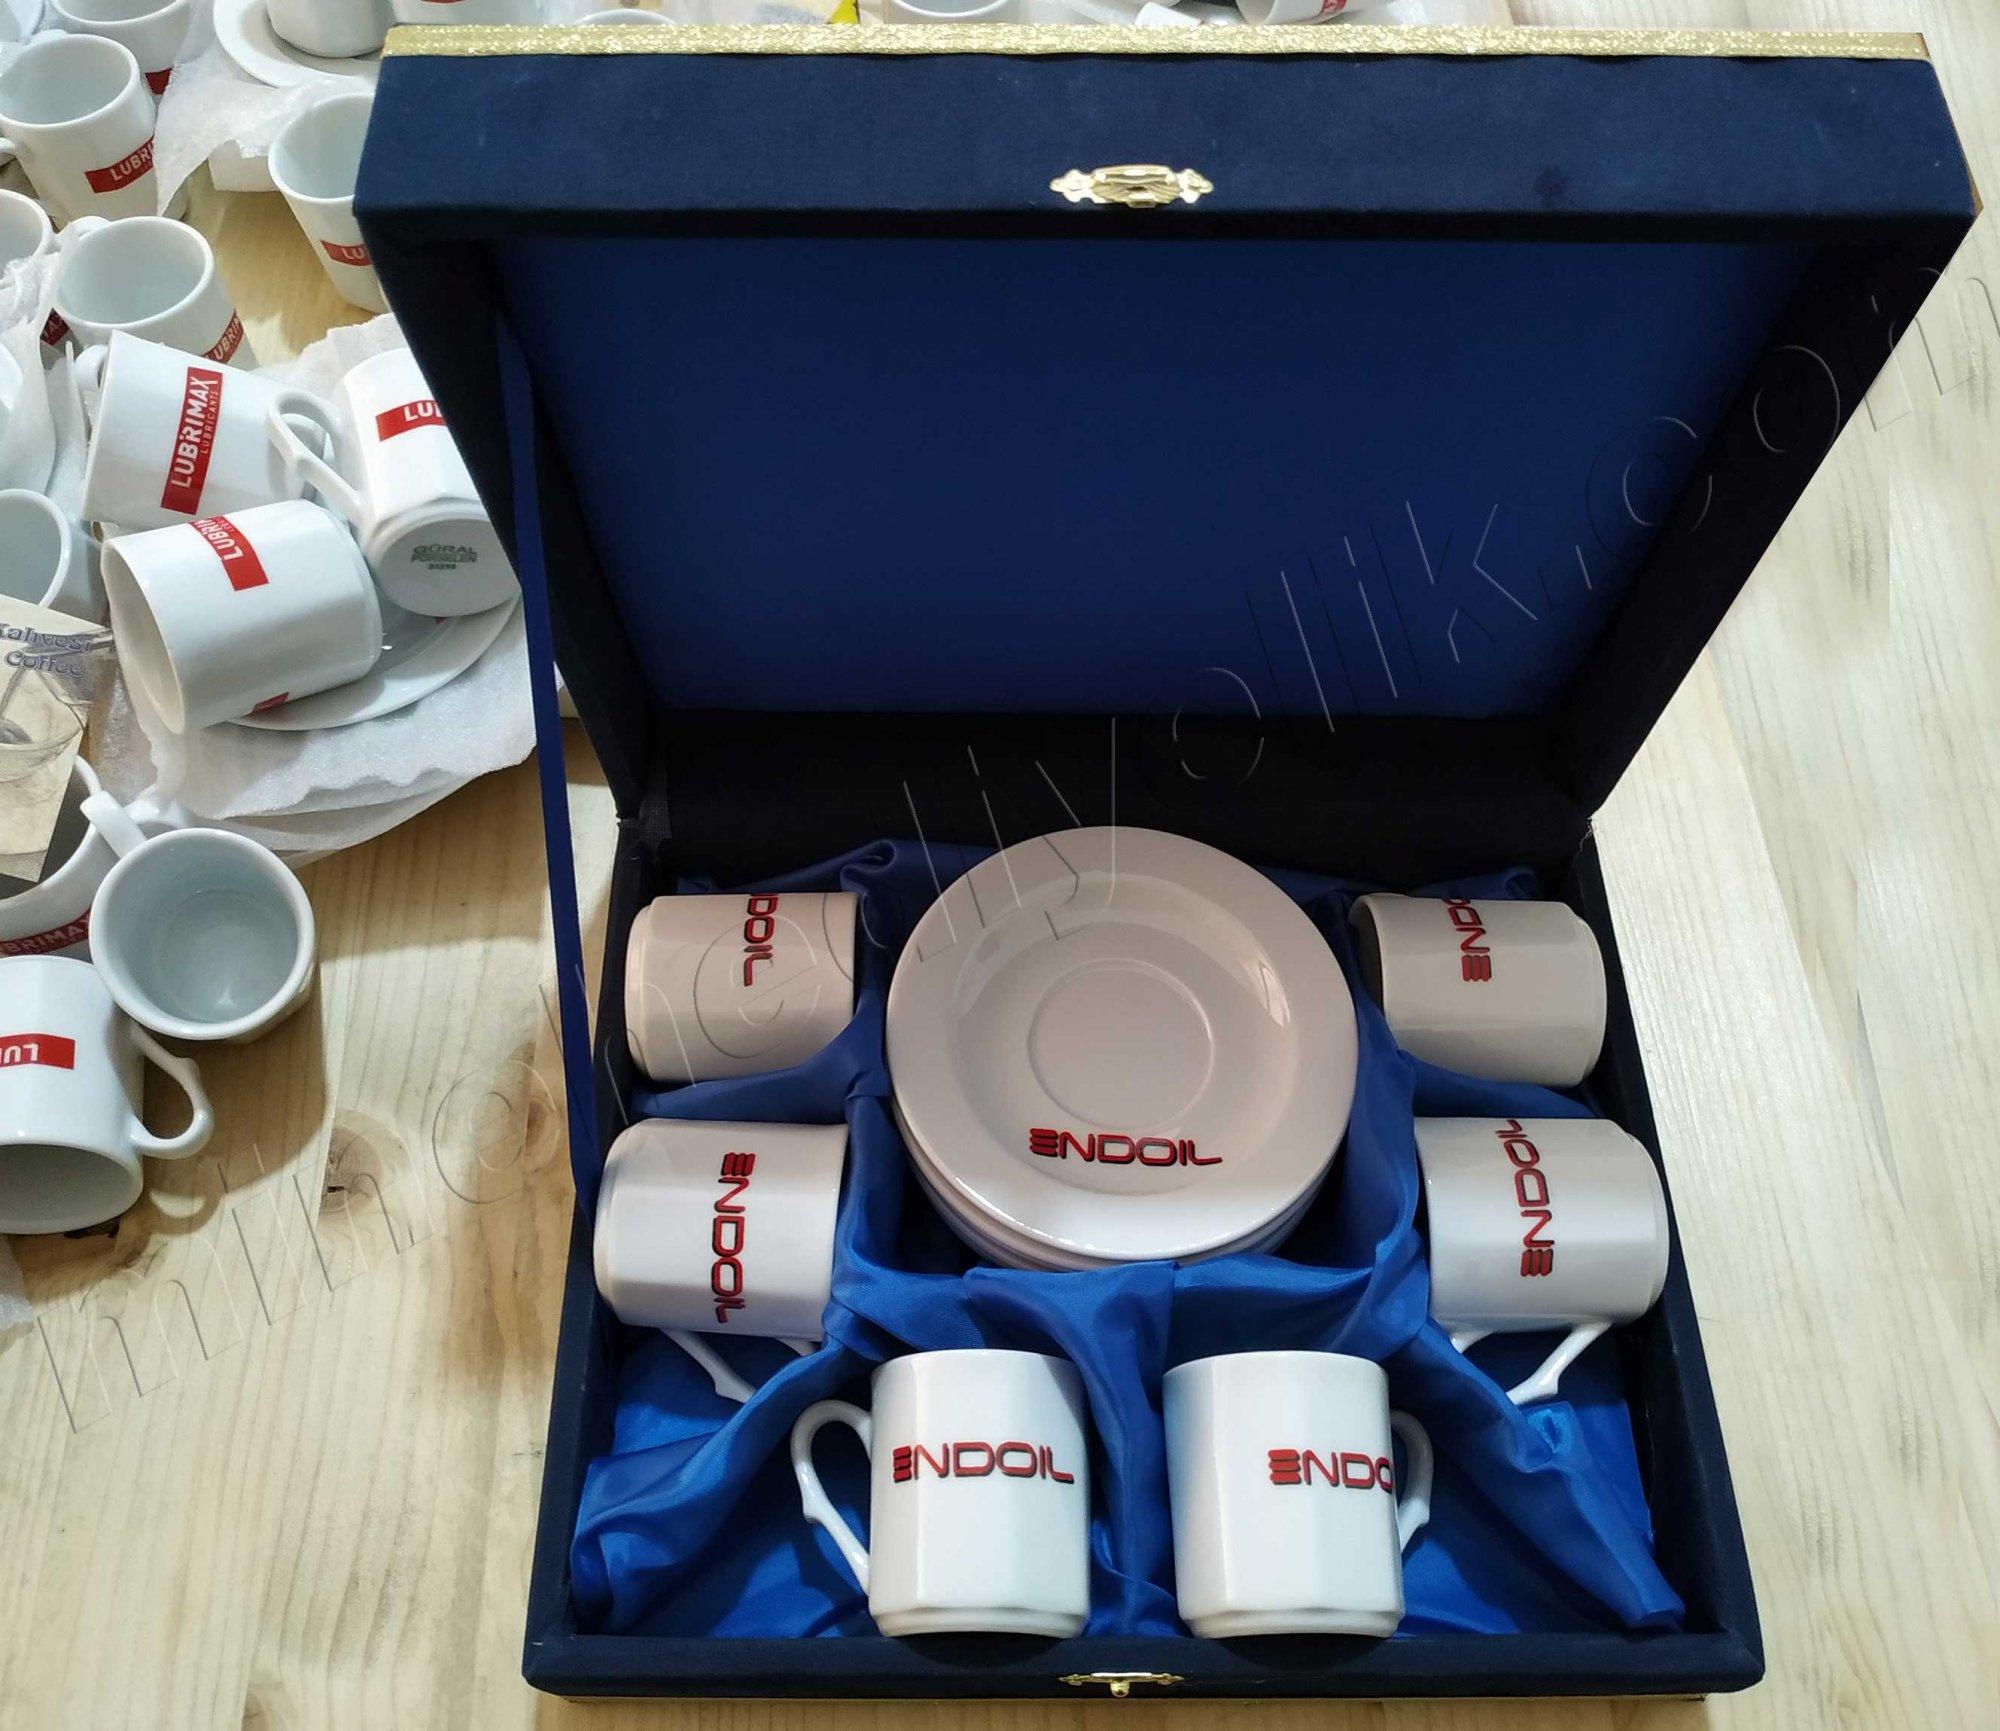 6 Kişilik Kurumsal Promosyonluk Logolu Kahve Fincan Setleri Hediyelik altı  Kişilik kurumsal promosyon Kahve Fincanları Toptan Satış Fiyatları